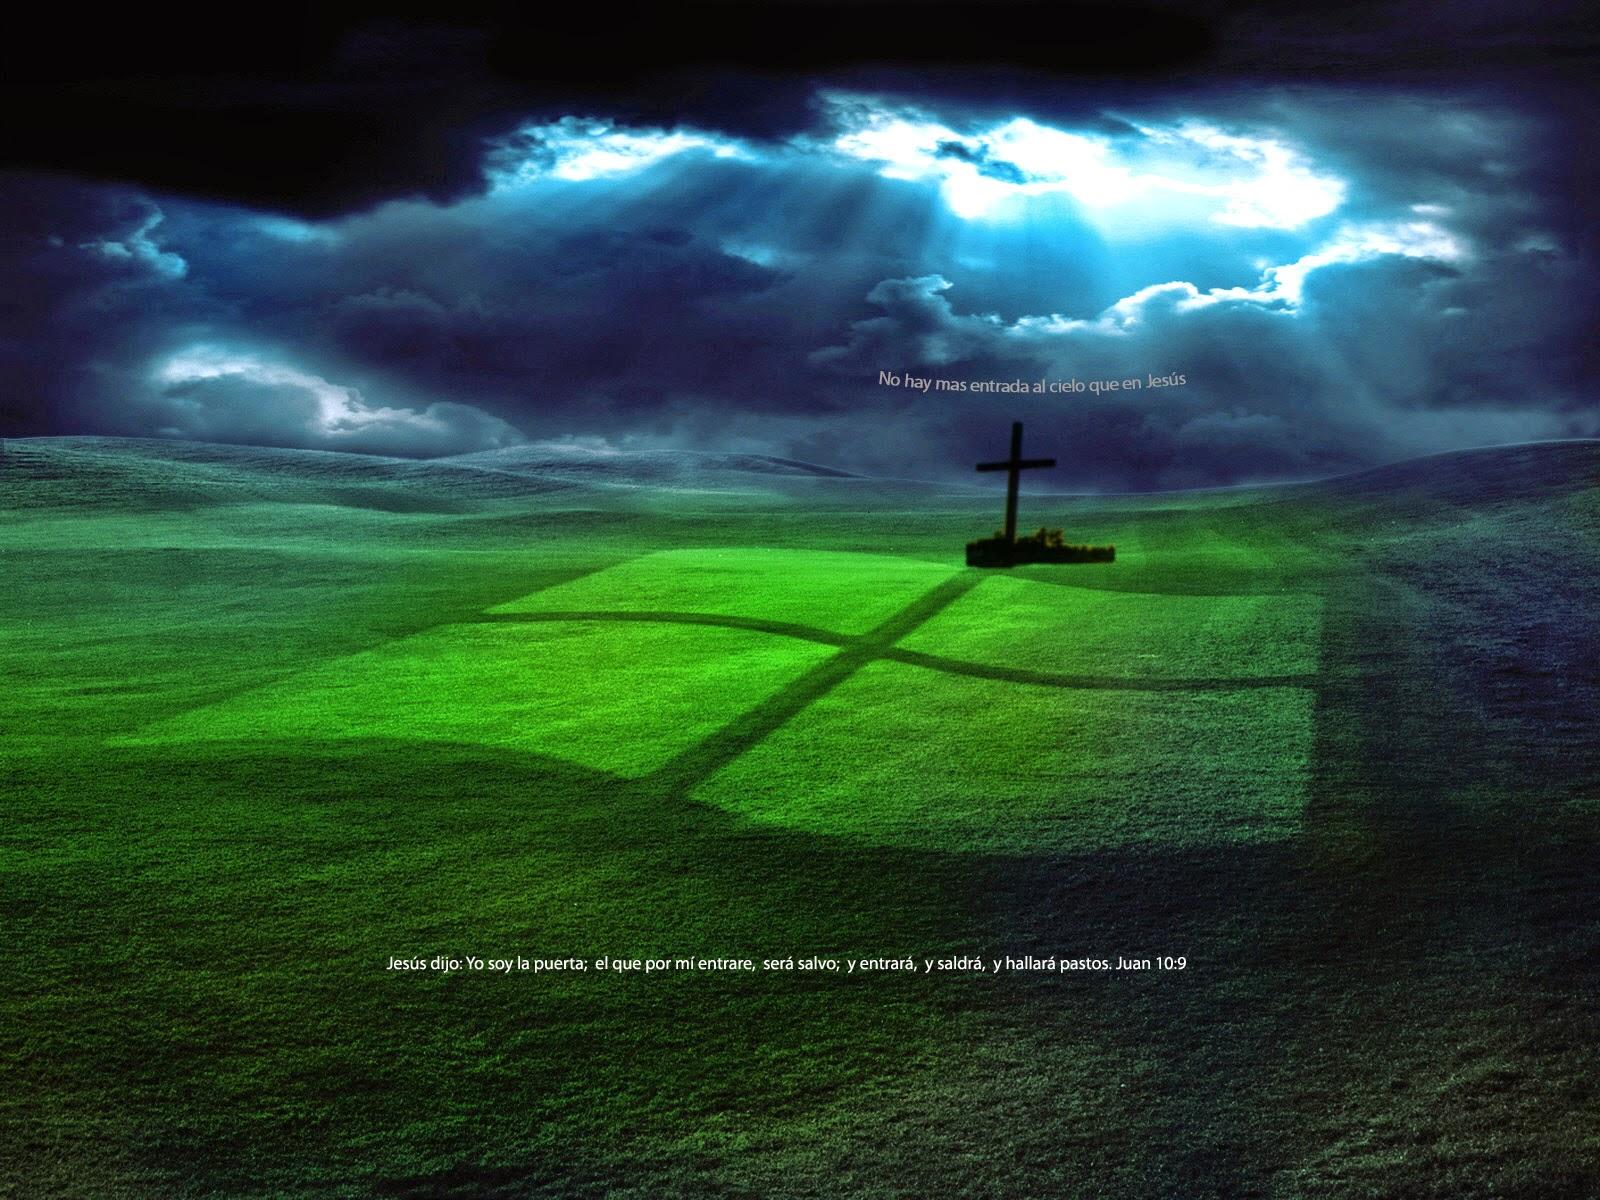 Fondos de escritorios gratis imagenes cristianas for Bajar fondos de pantalla religiosos gratis